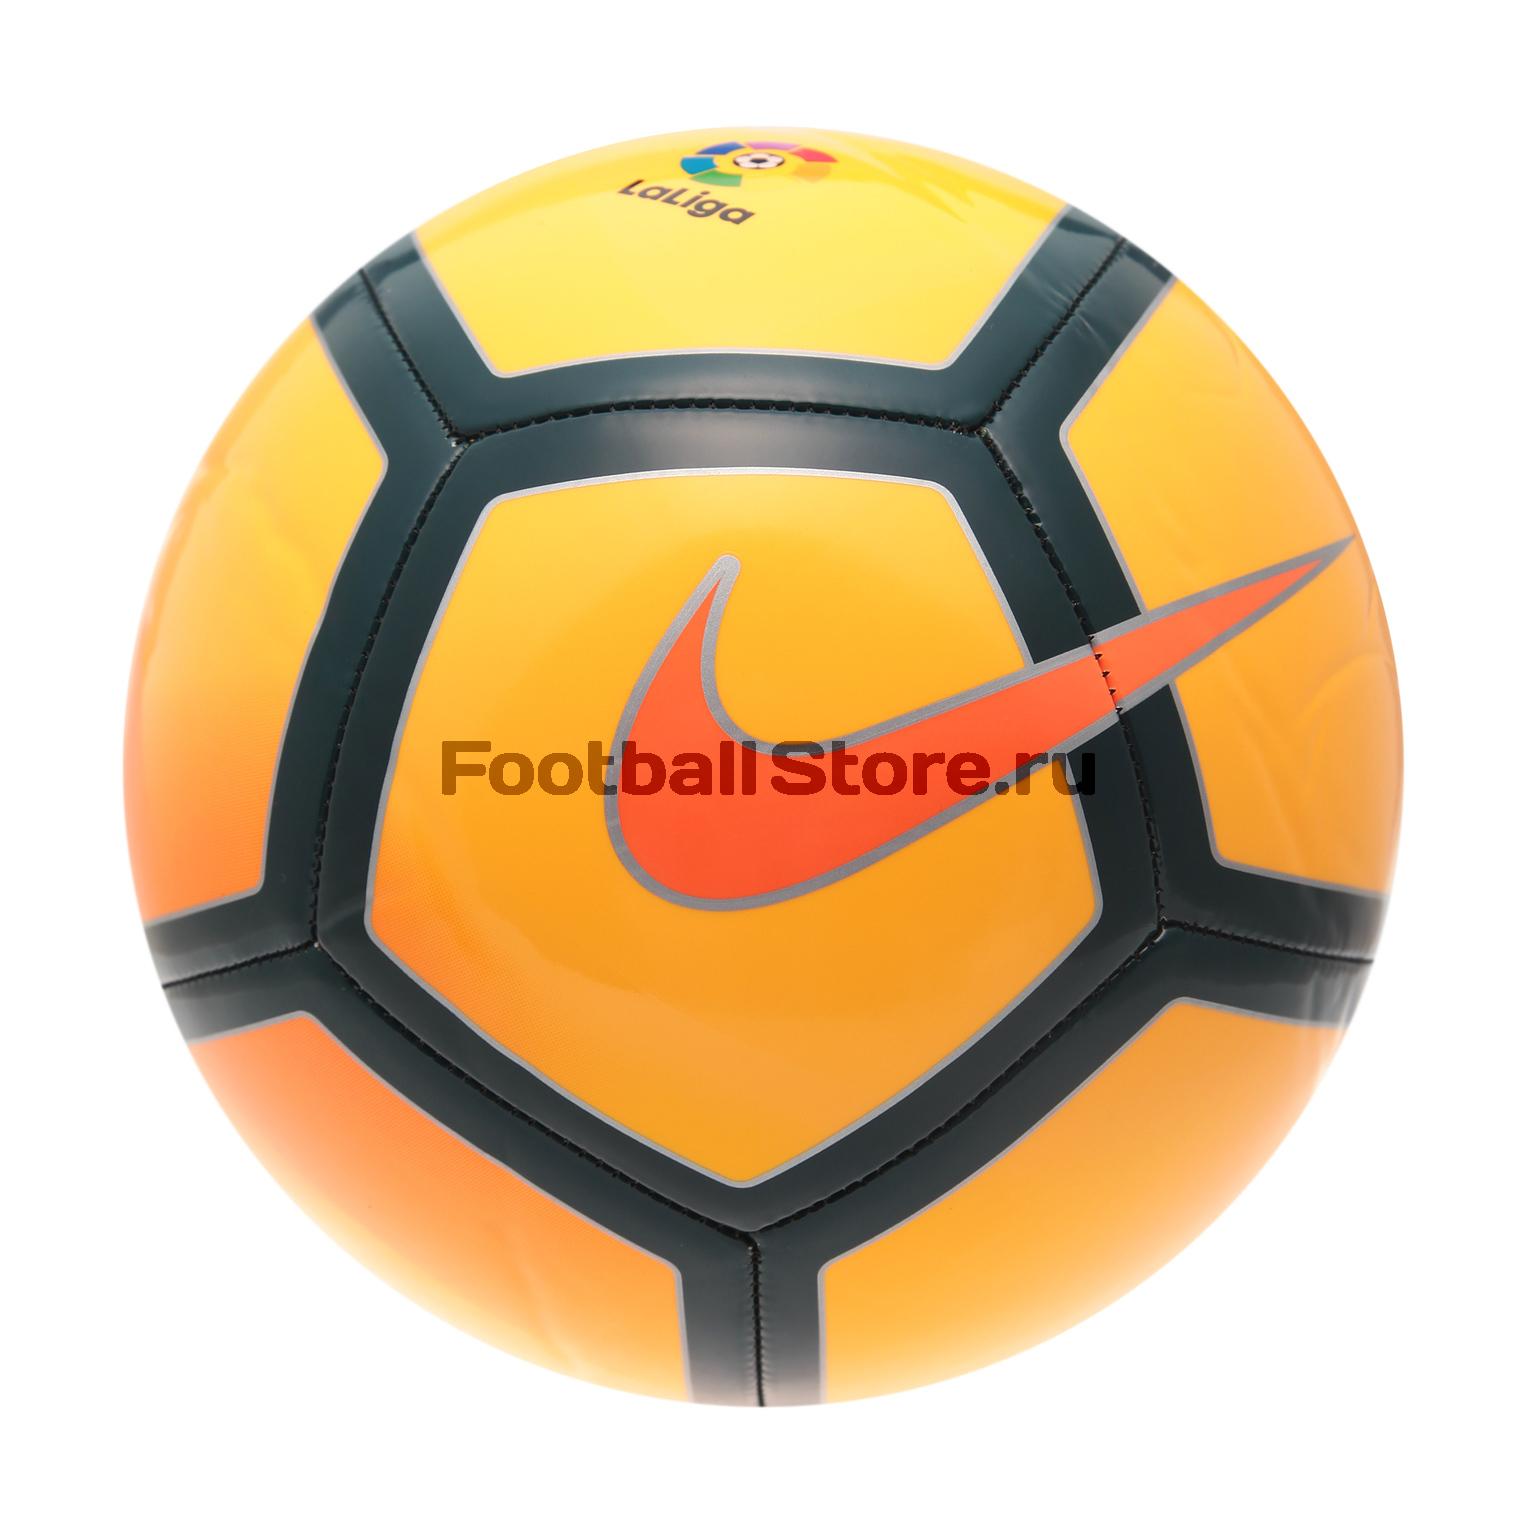 Футбольный мяч Nike La-Liga NK Pitch SC3138-808 классические nike мяч nike nk prmr team fifa sc2971 100